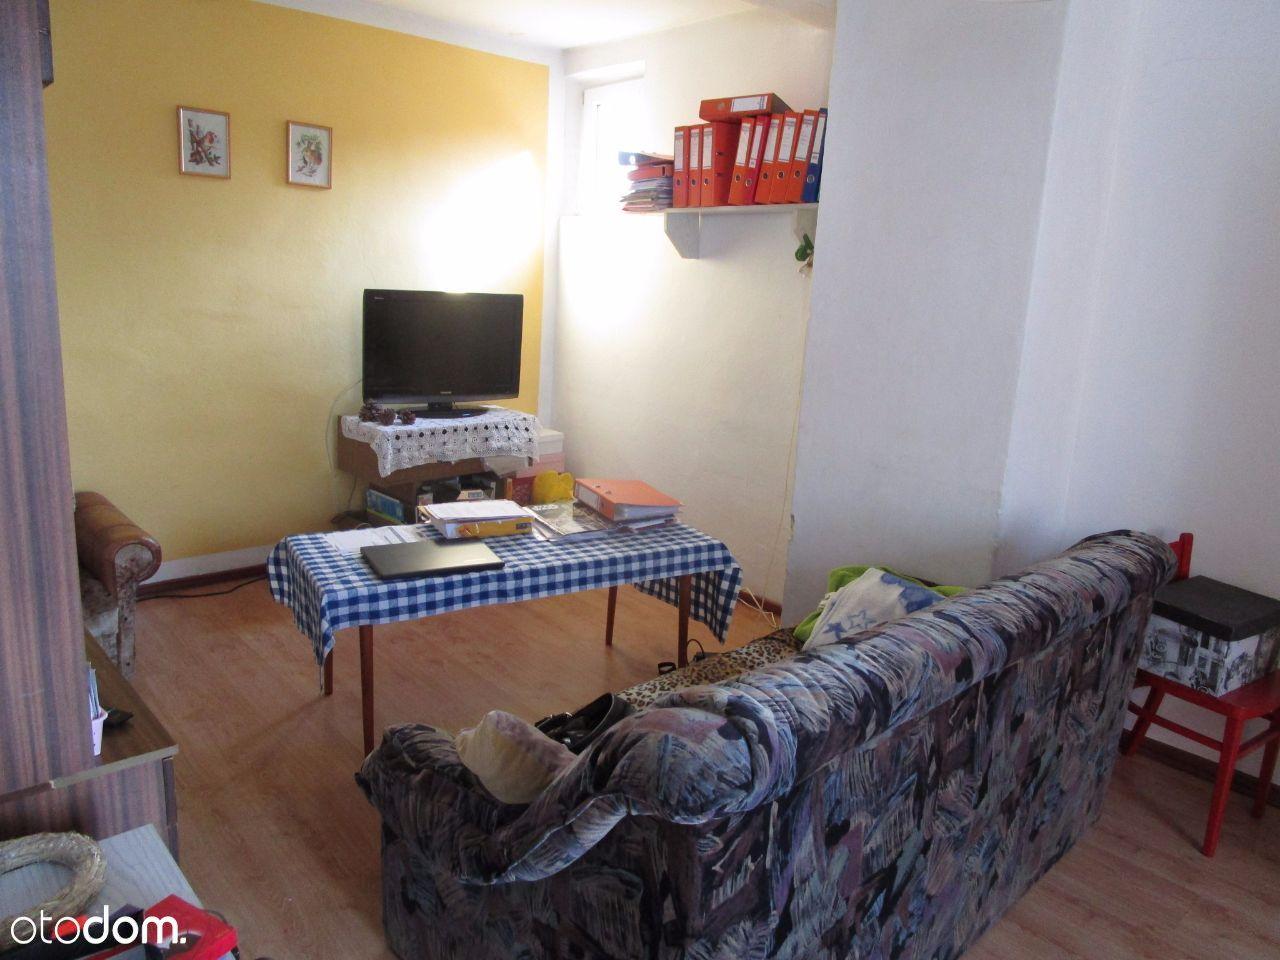 Mieszkanie na sprzedaż, Szczytno, szczycieński, warmińsko-mazurskie - Foto 4